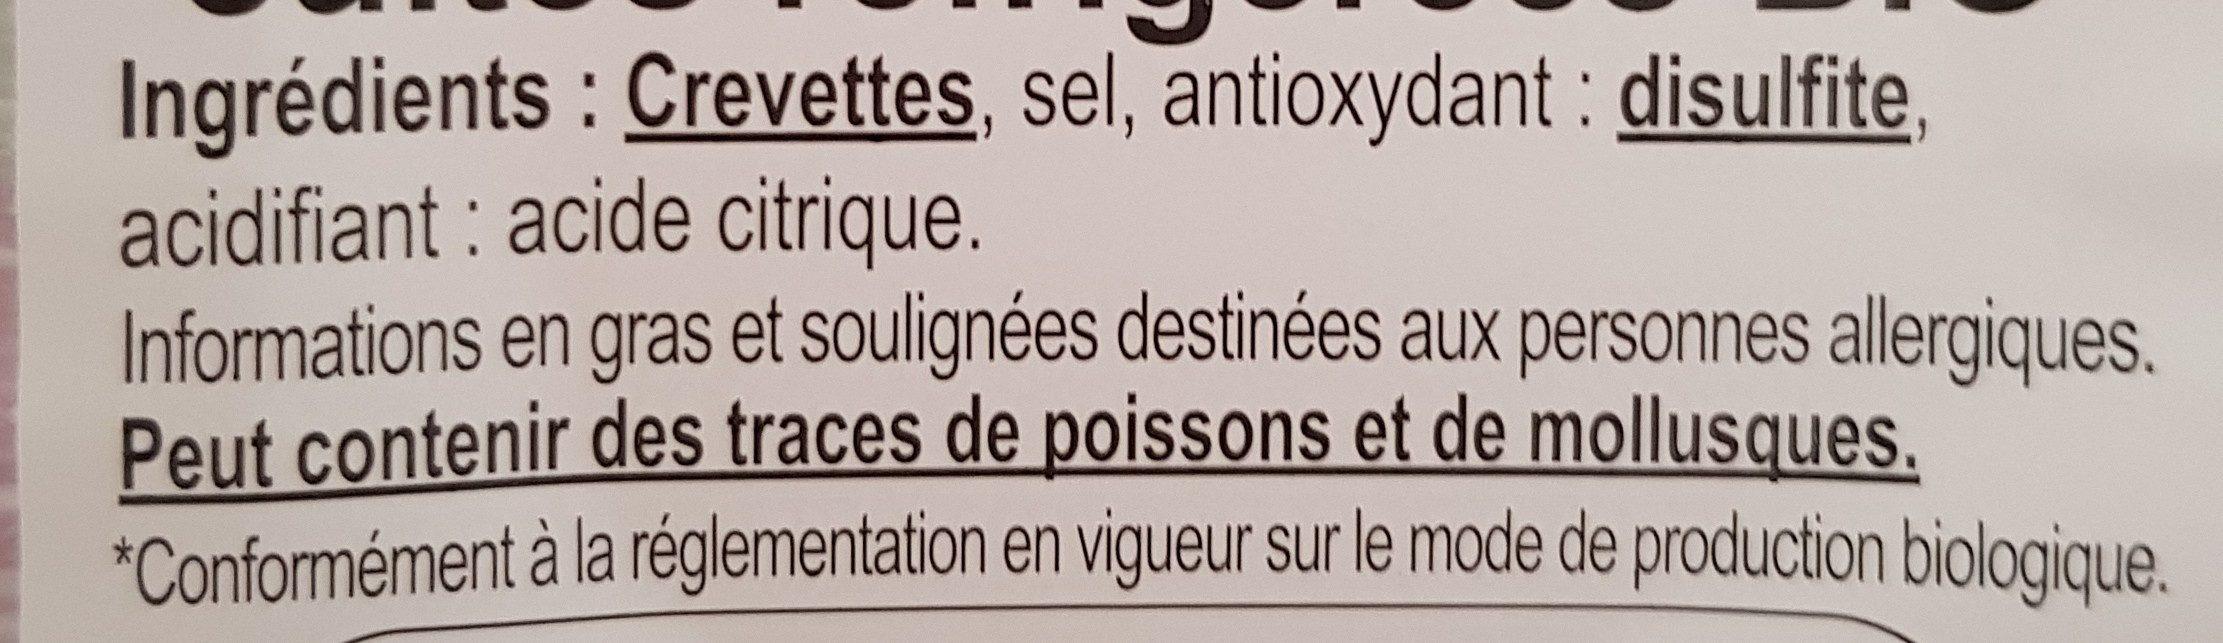 Crevettes bio - Ingredients - fr